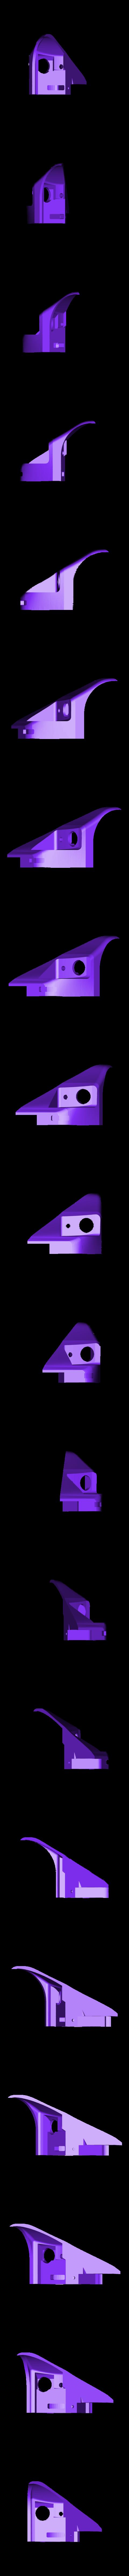 green front left.stl Télécharger fichier STL gratuit 1991 Mazda 787B 3d Voiture RC imprimée de 1991 • Objet à imprimer en 3D, brett